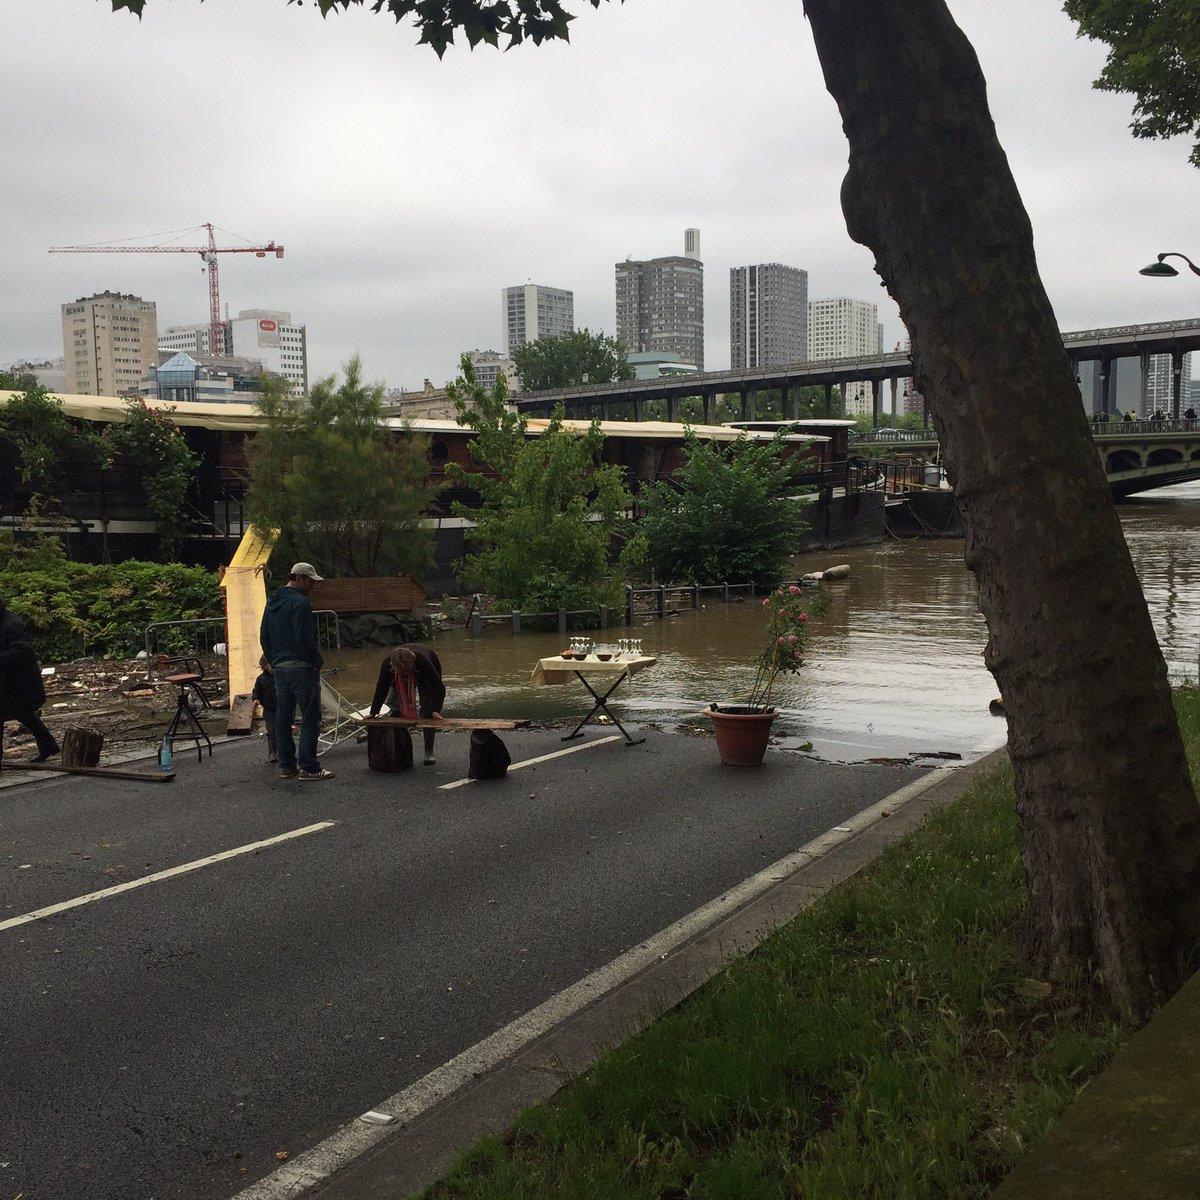 Paris sous l'eau: ne jamais oublier l'heure de l'apero (2) #parisjetaime #inondation #CrueSeine